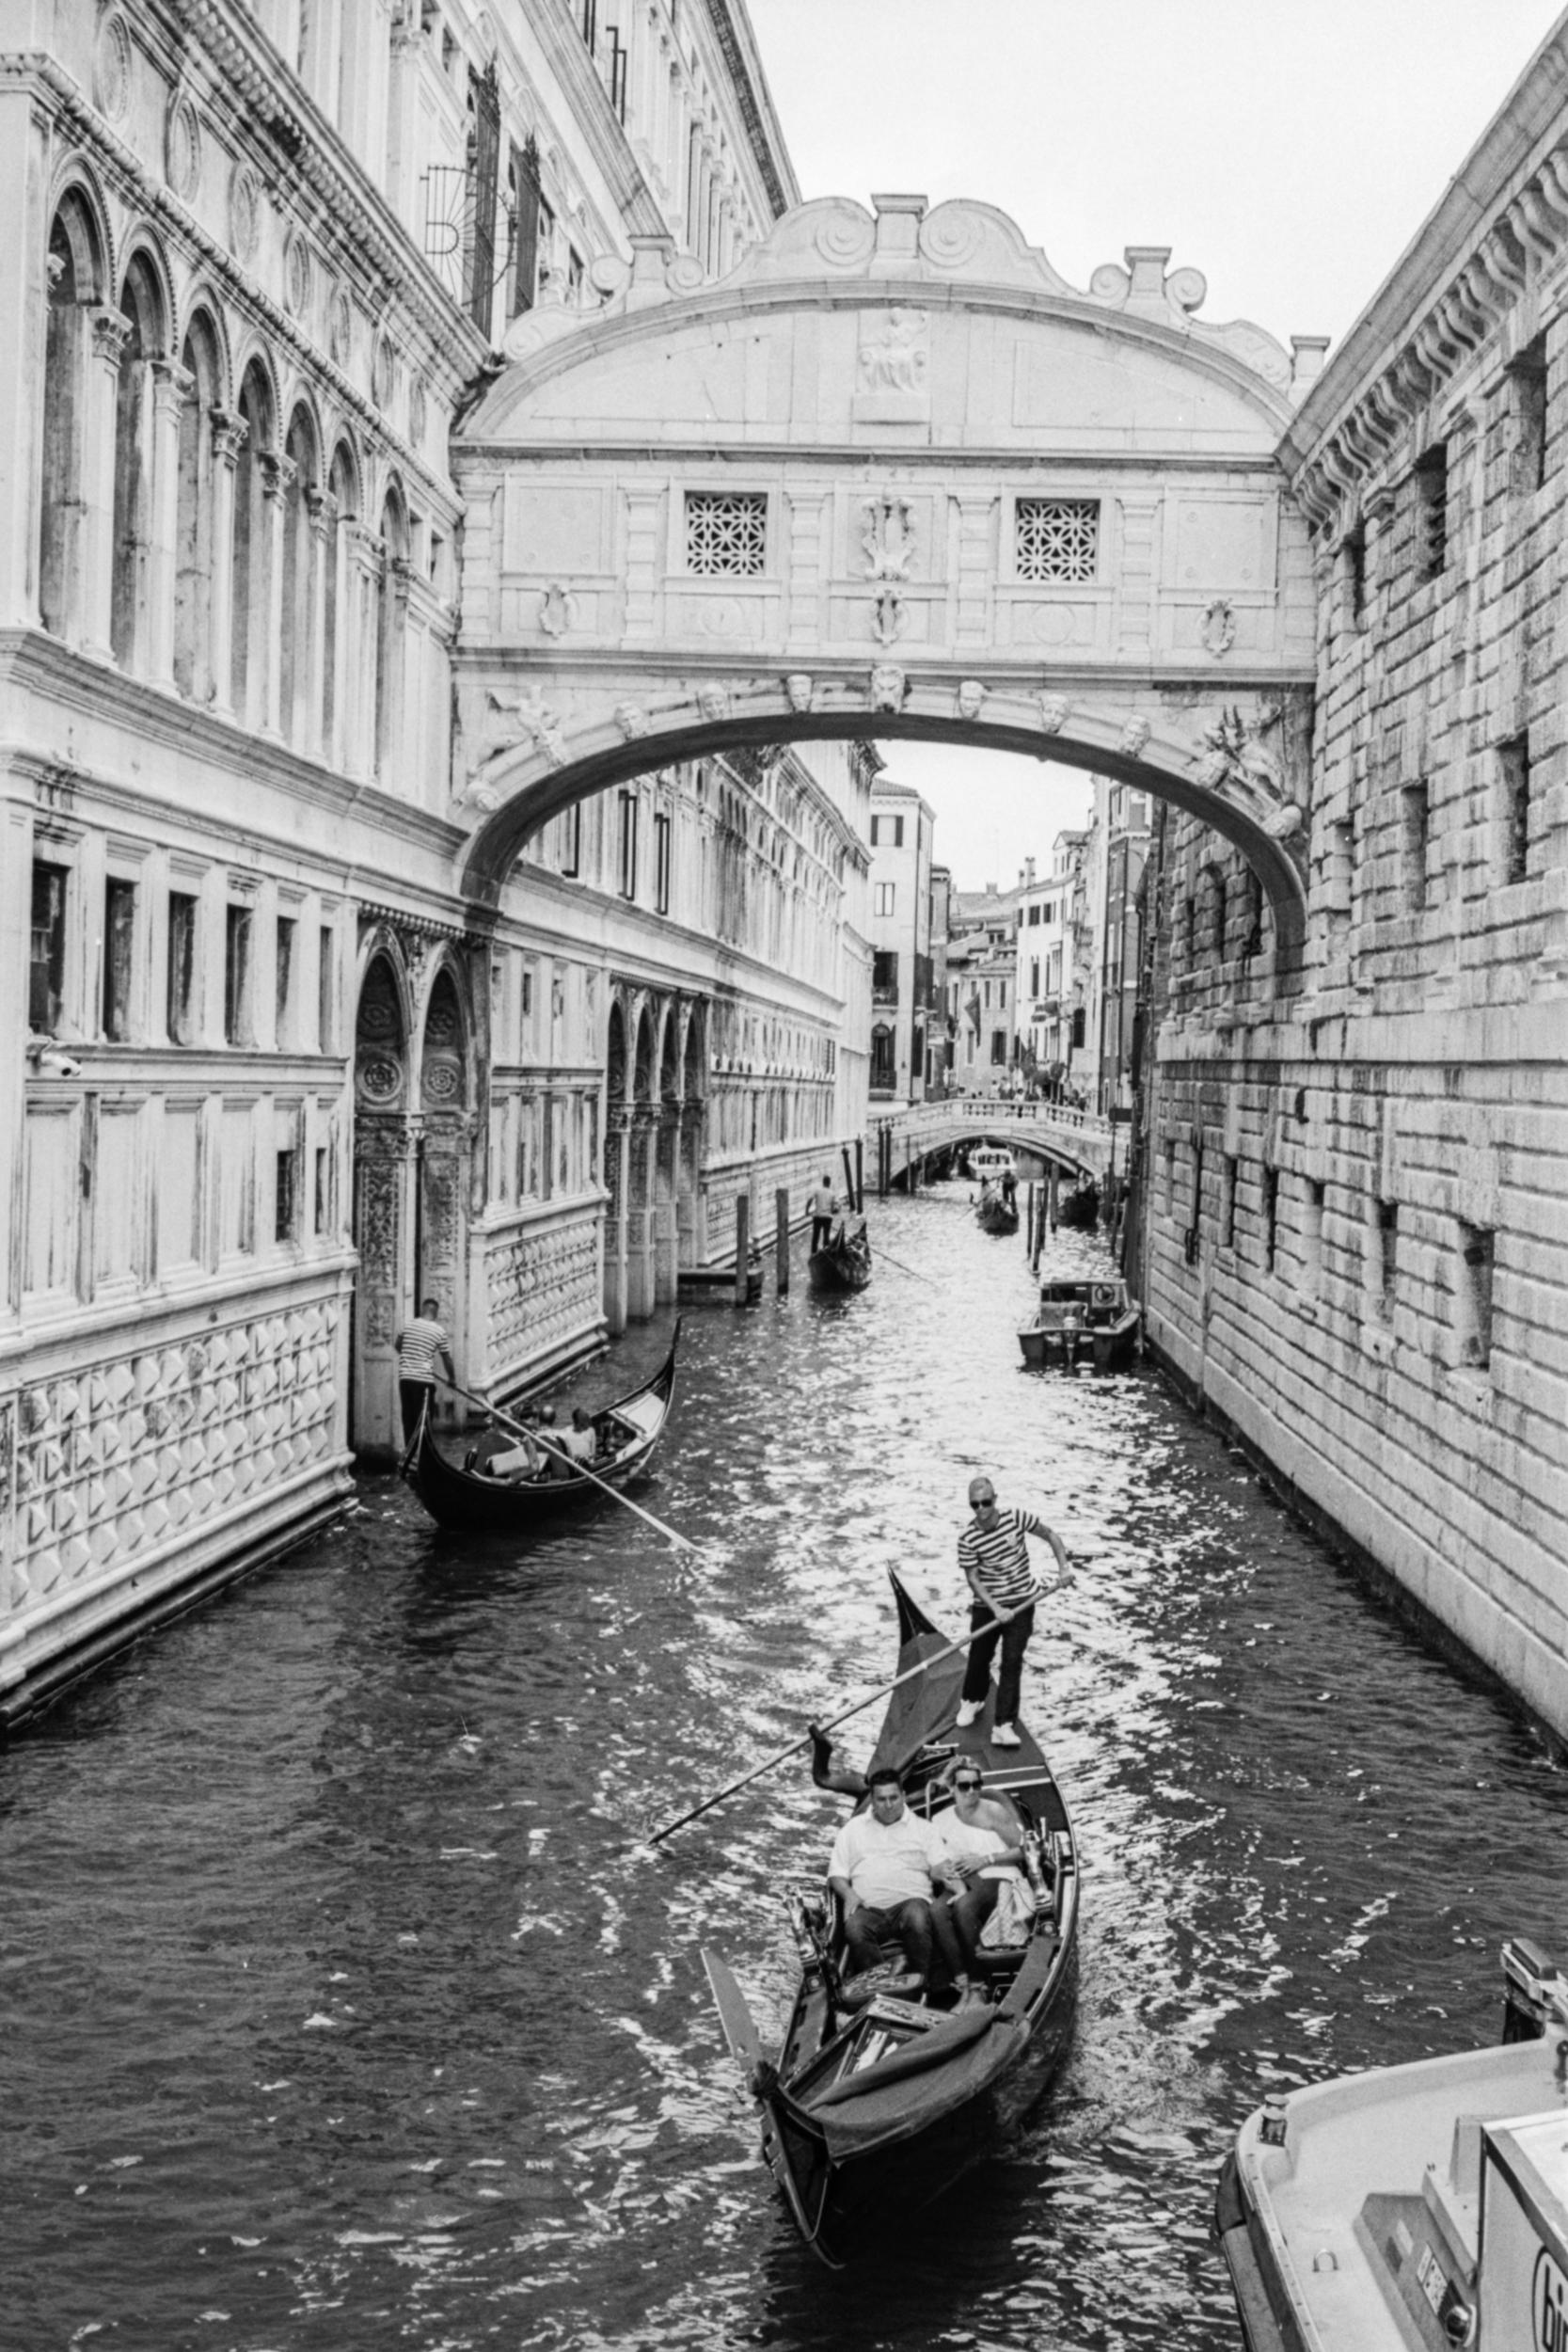 Venice, Italy, 2017.